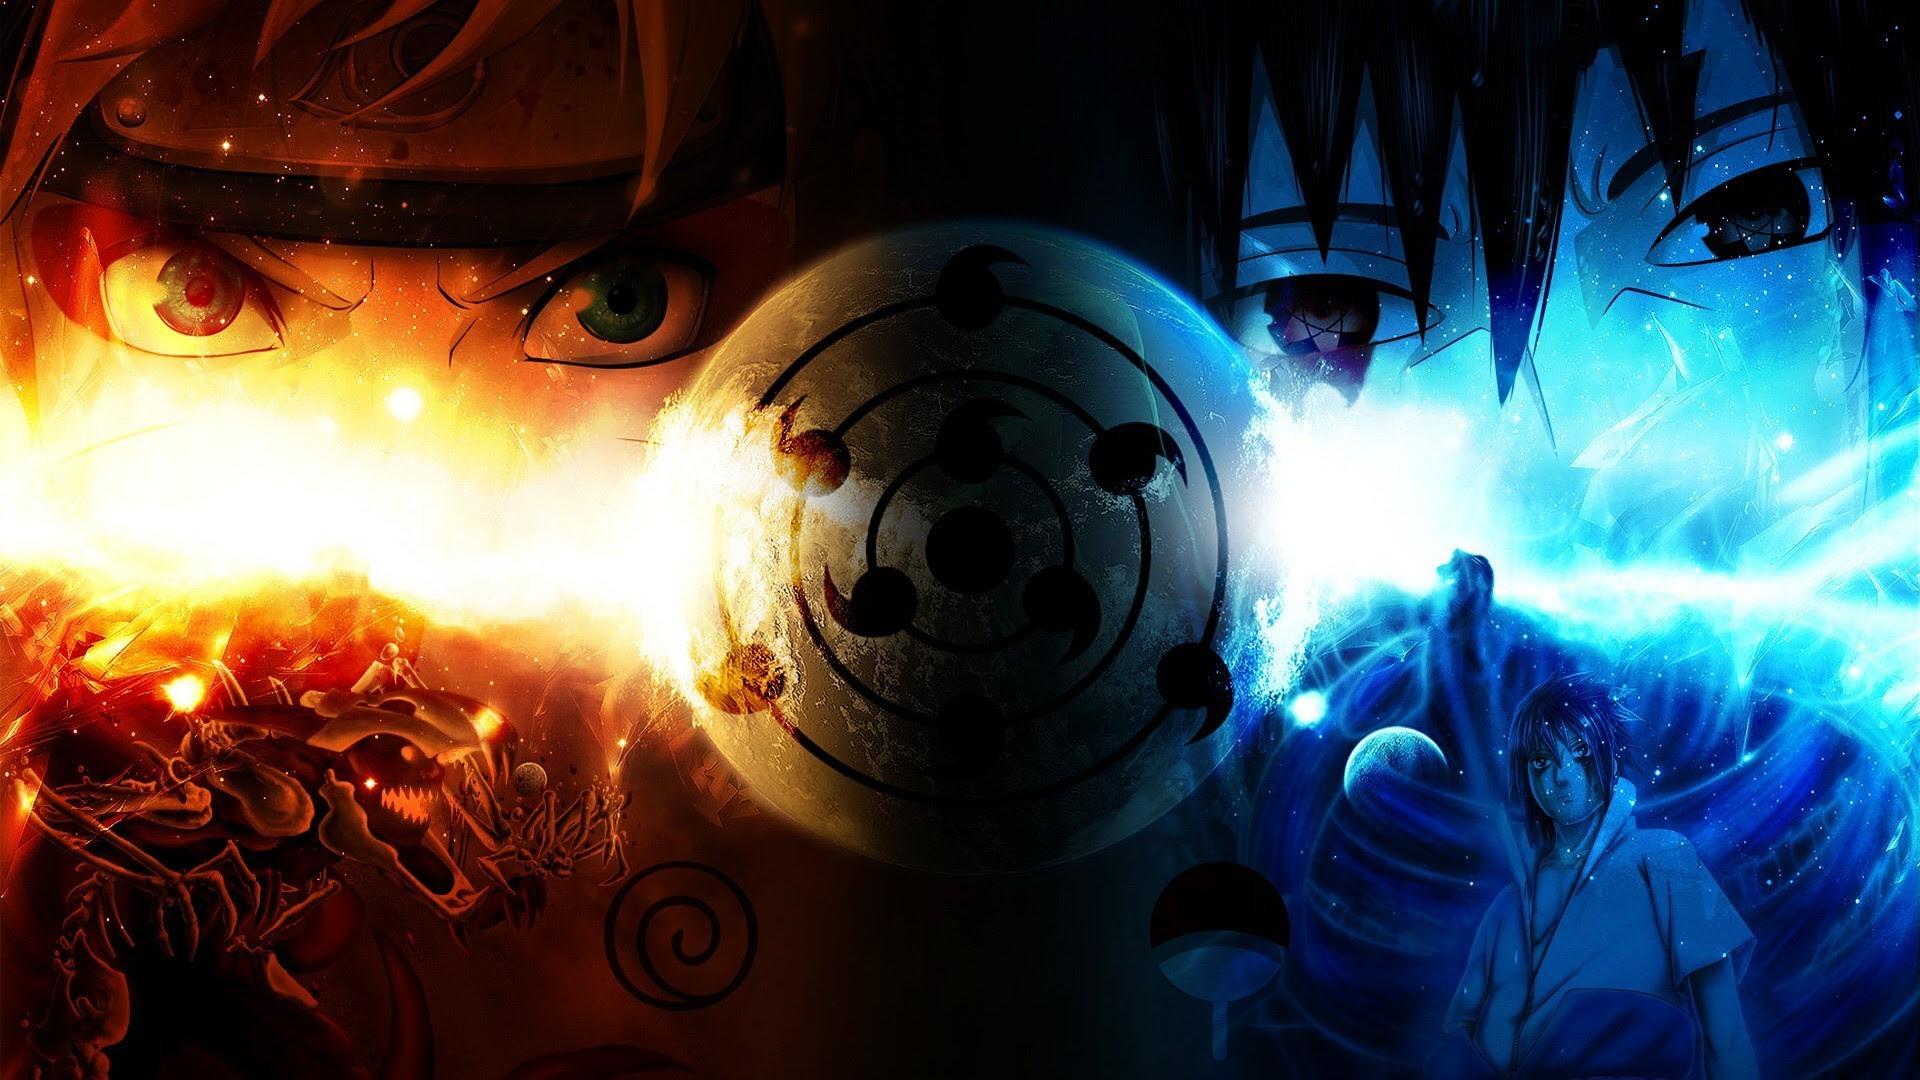 5500 Koleksi Gambar Wallpaper Naruto Keren Hd Terbaik